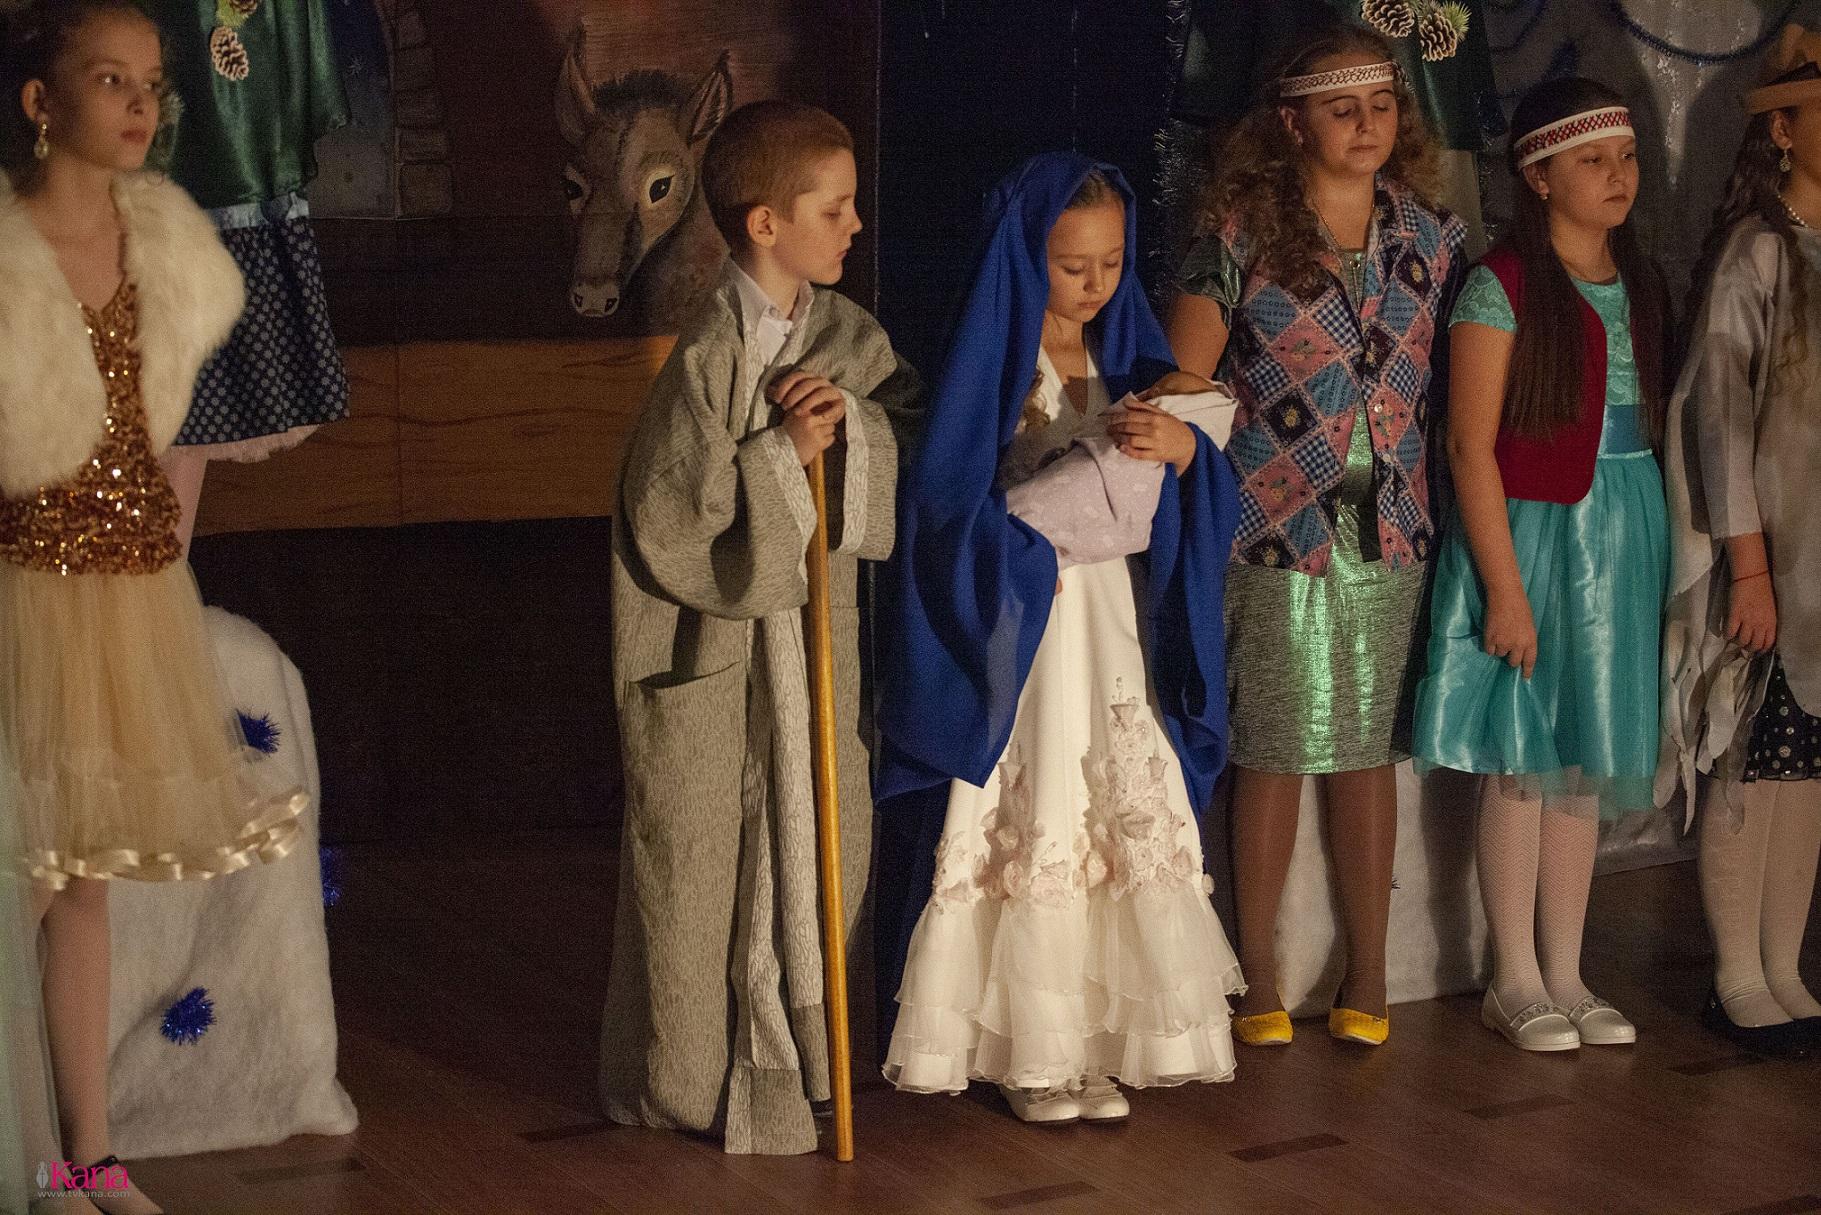 В Католической школе Новосибирска отпраздновали Рождество (+ ФОТО)